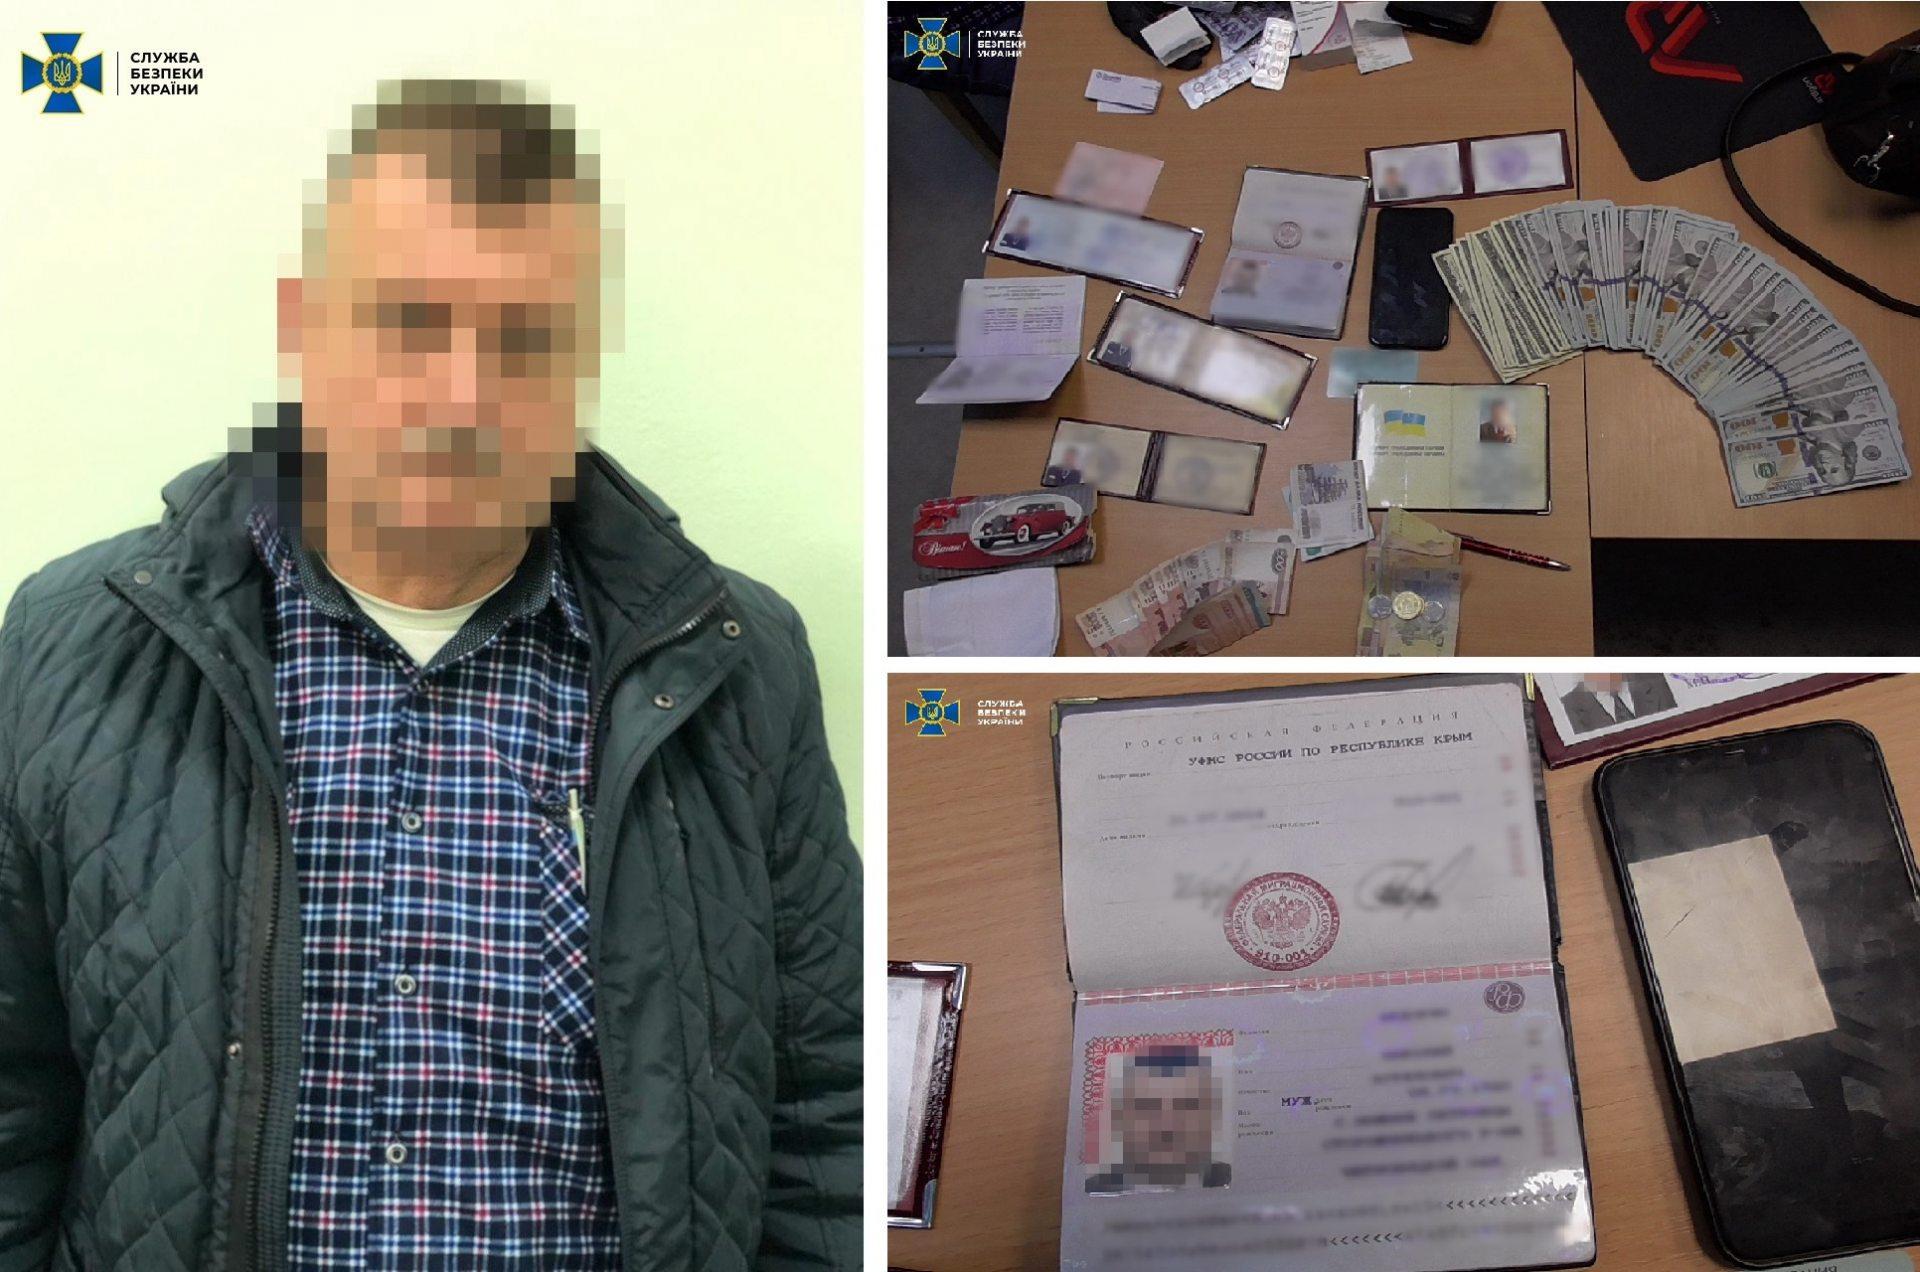 В Херсонской области задержали представителя российской администрации Крыма